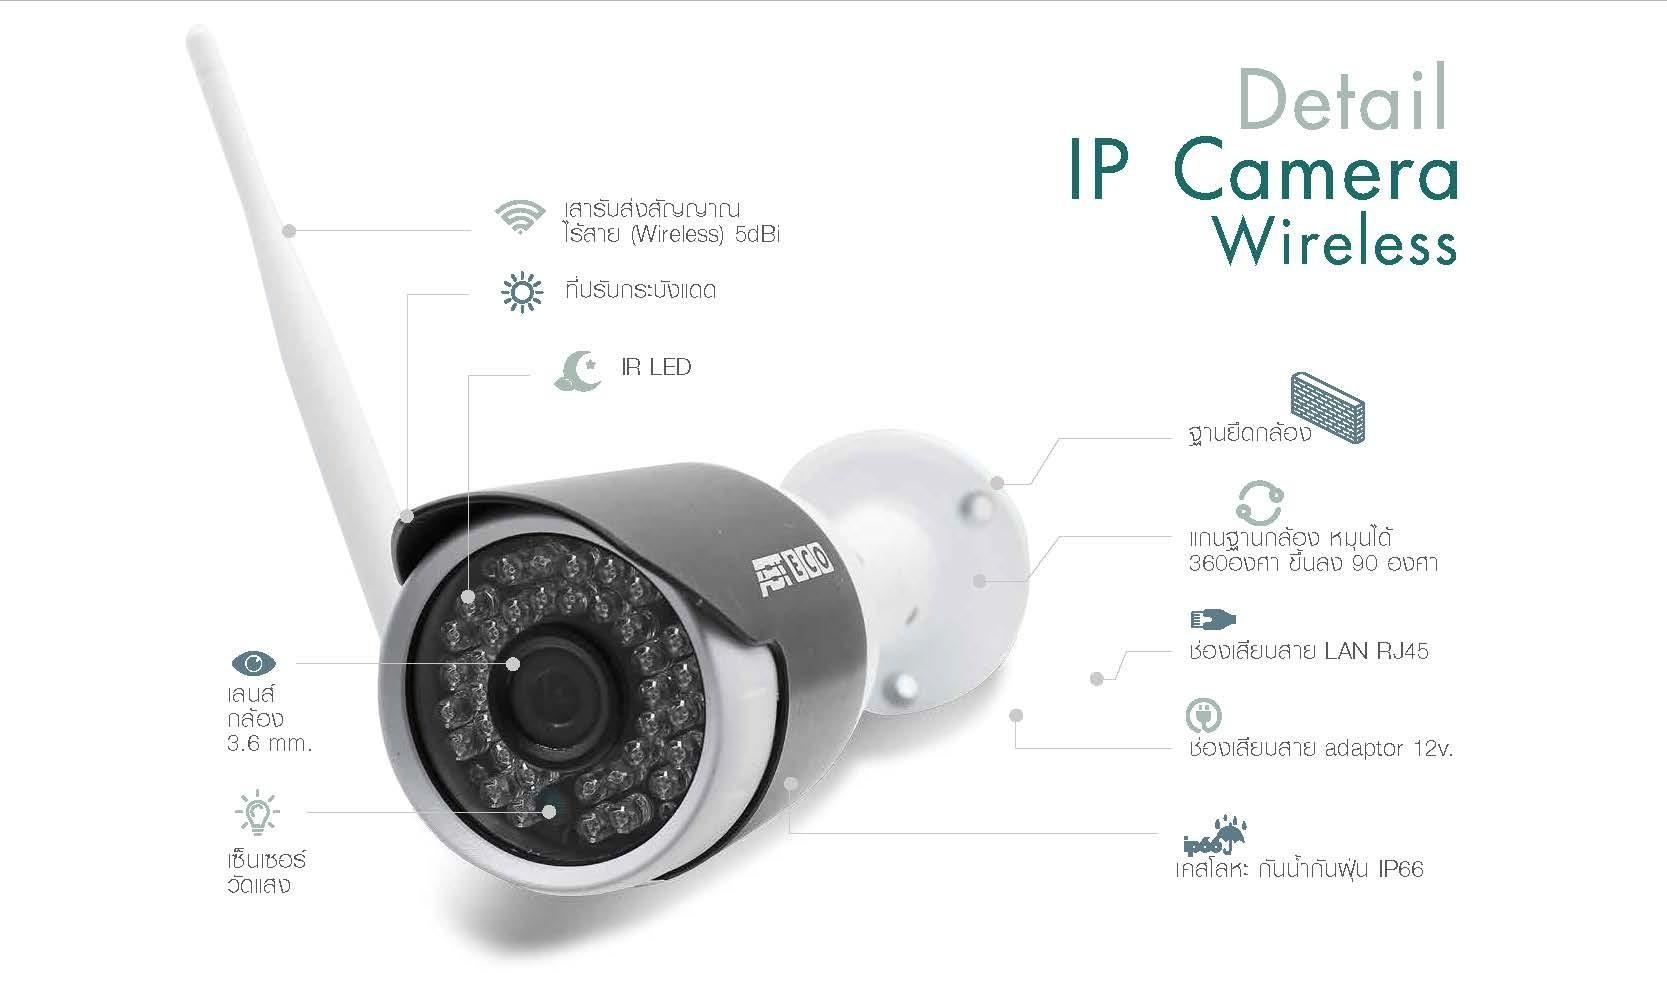 กล้องวงจรปิดไร้สาย Wireless CCTV Wifi ติดตั้ง แบบ กล้วยกล้วย ง่ายๆ เพียงแค่ 15 นาที ดูออนไลน์ผ่านแอพพลิเคชั่น